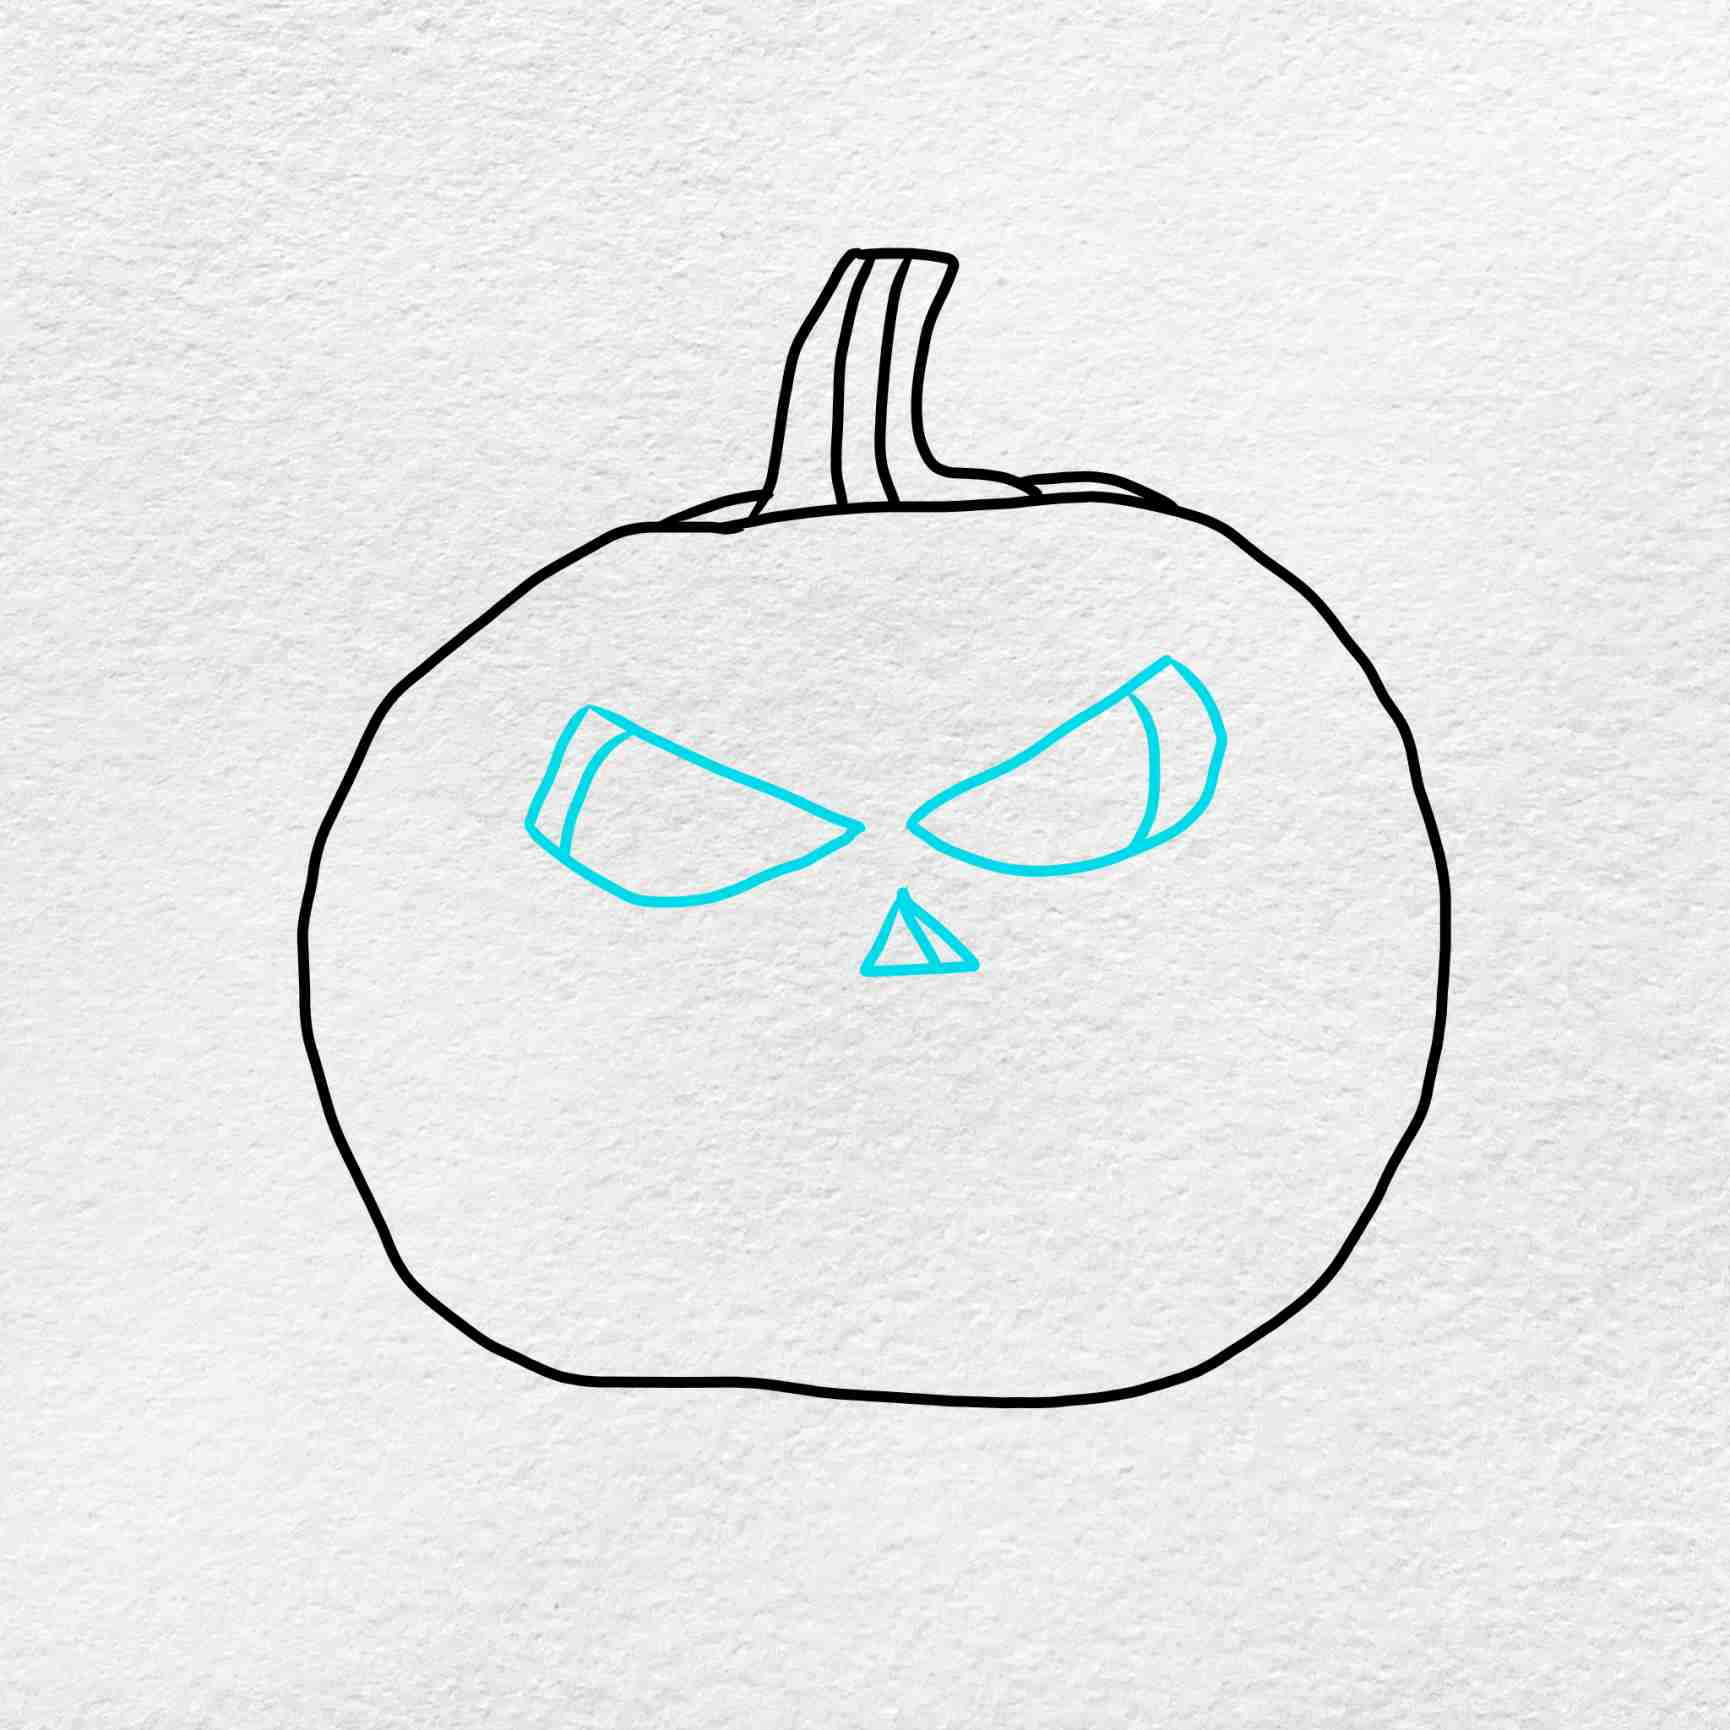 Draw A Pumpkin Face: Step 3